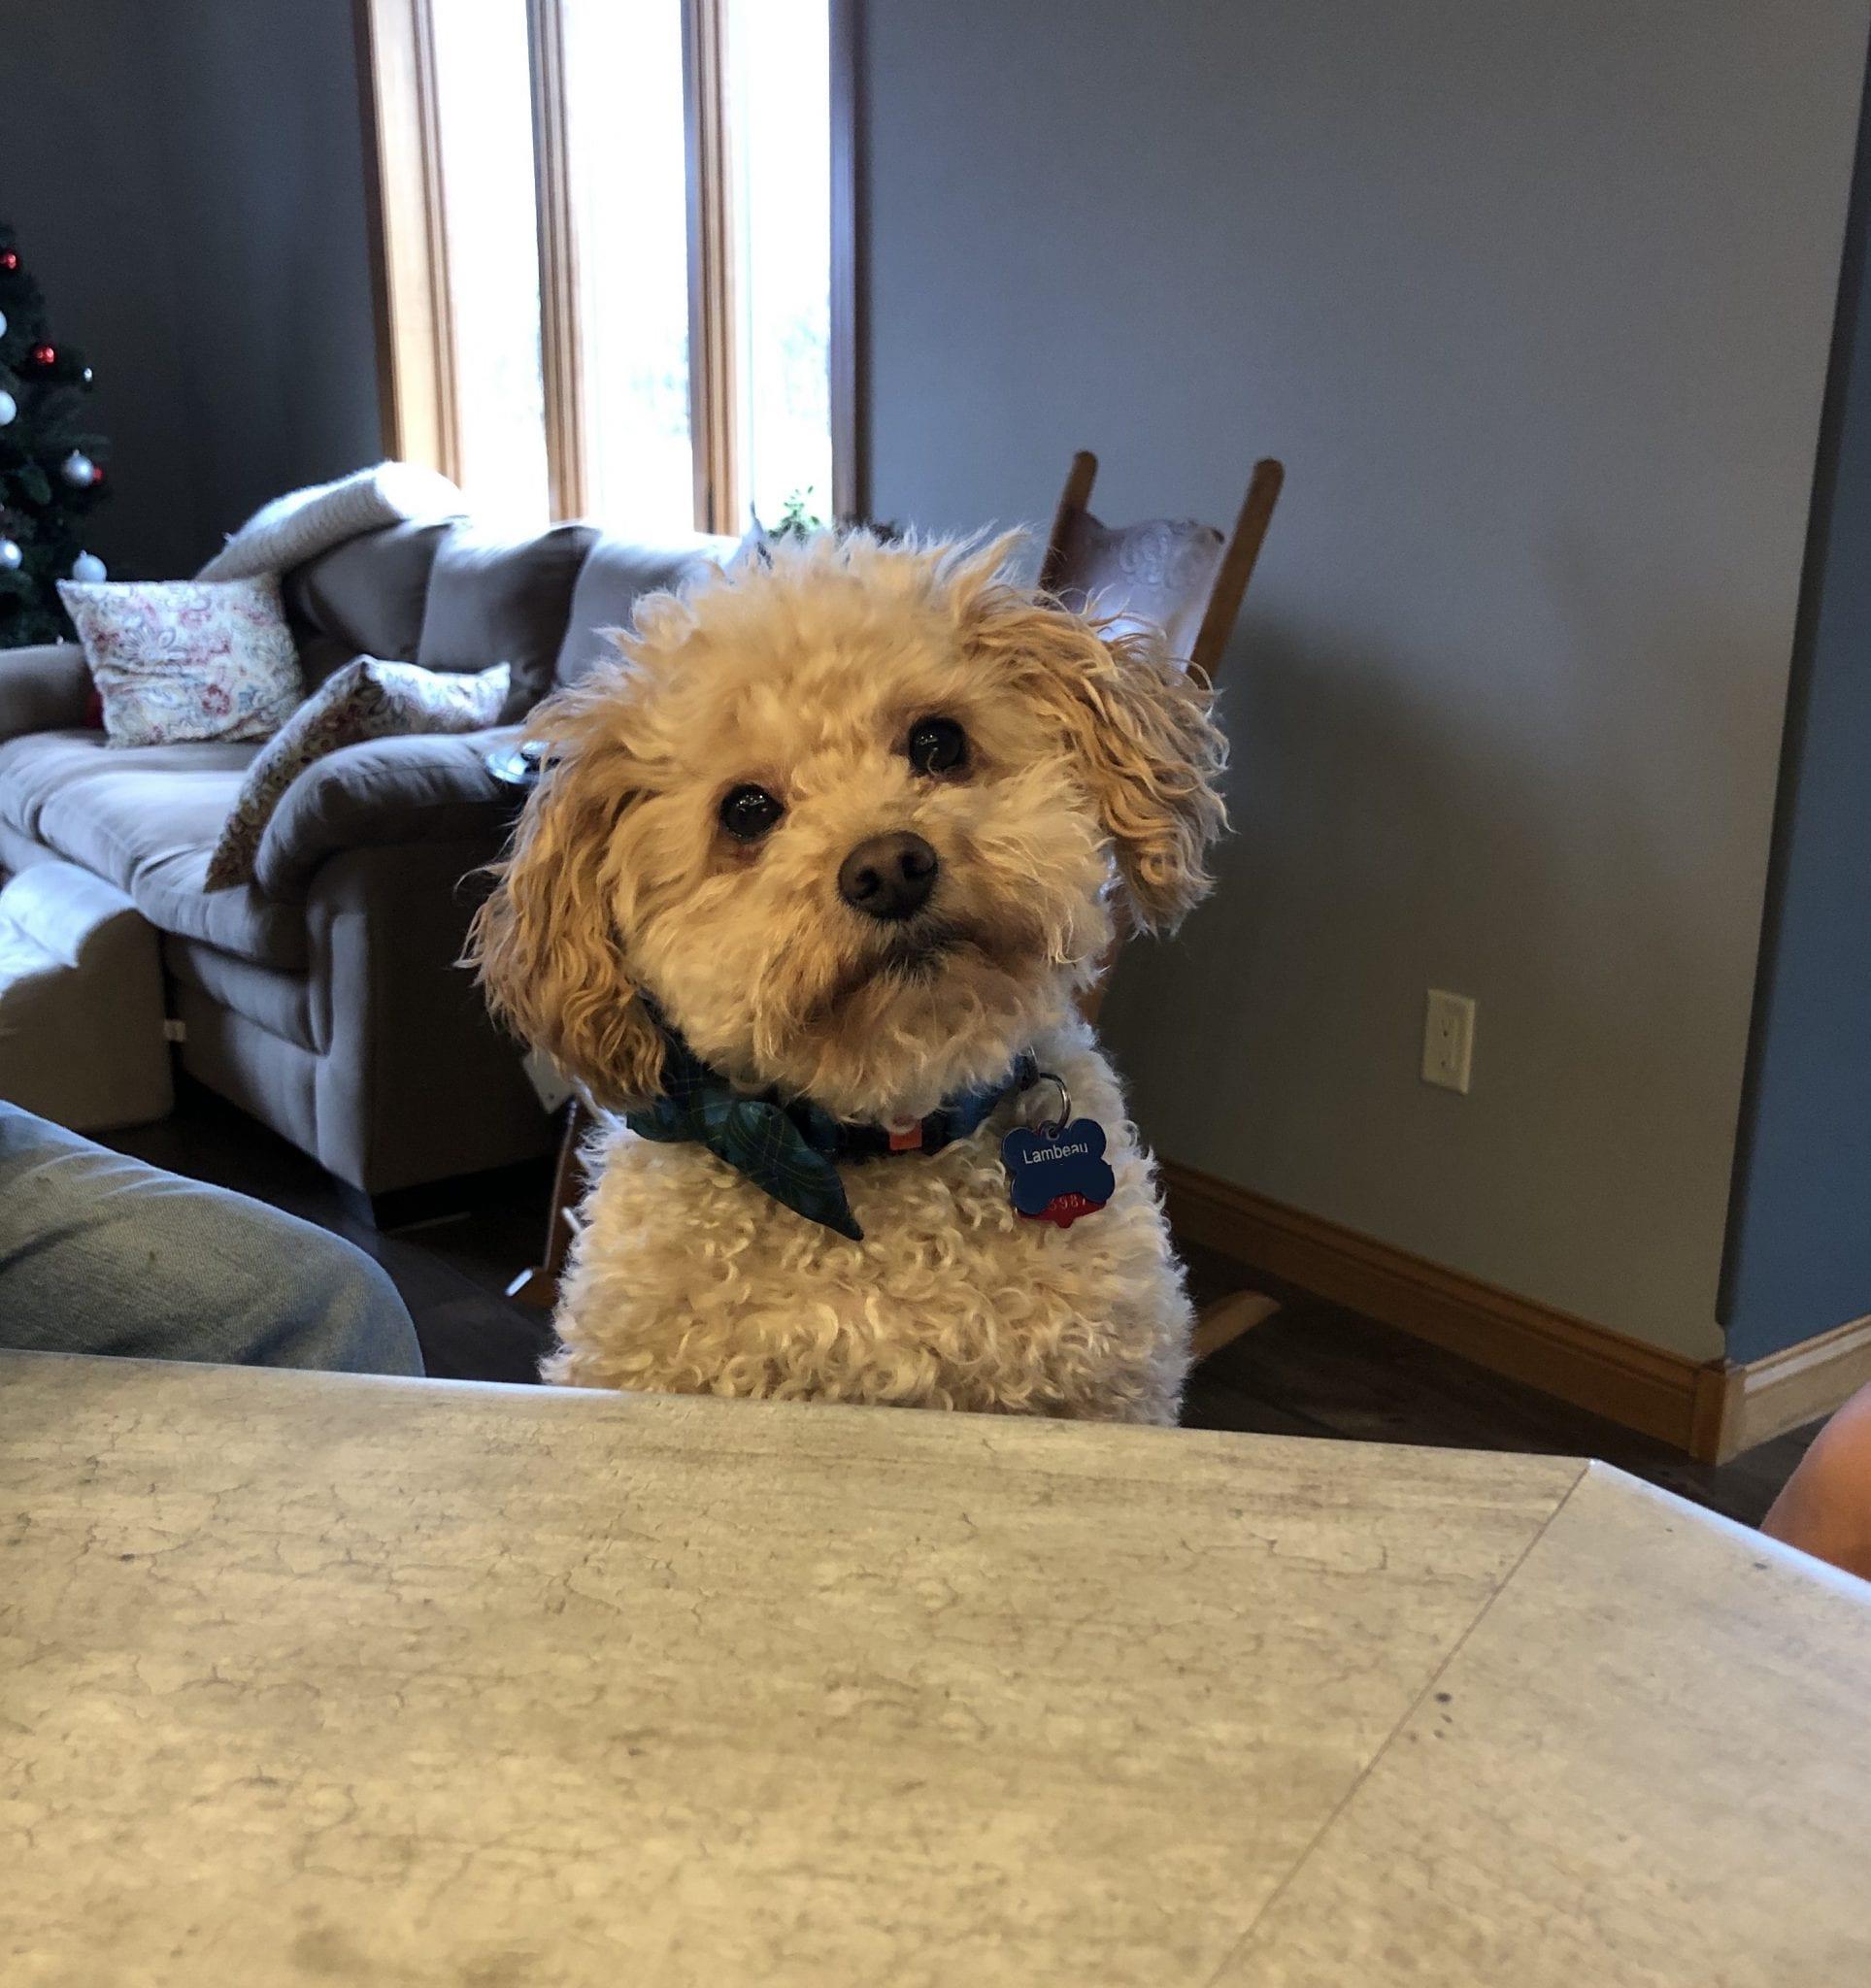 Meet the pet: Lambeau